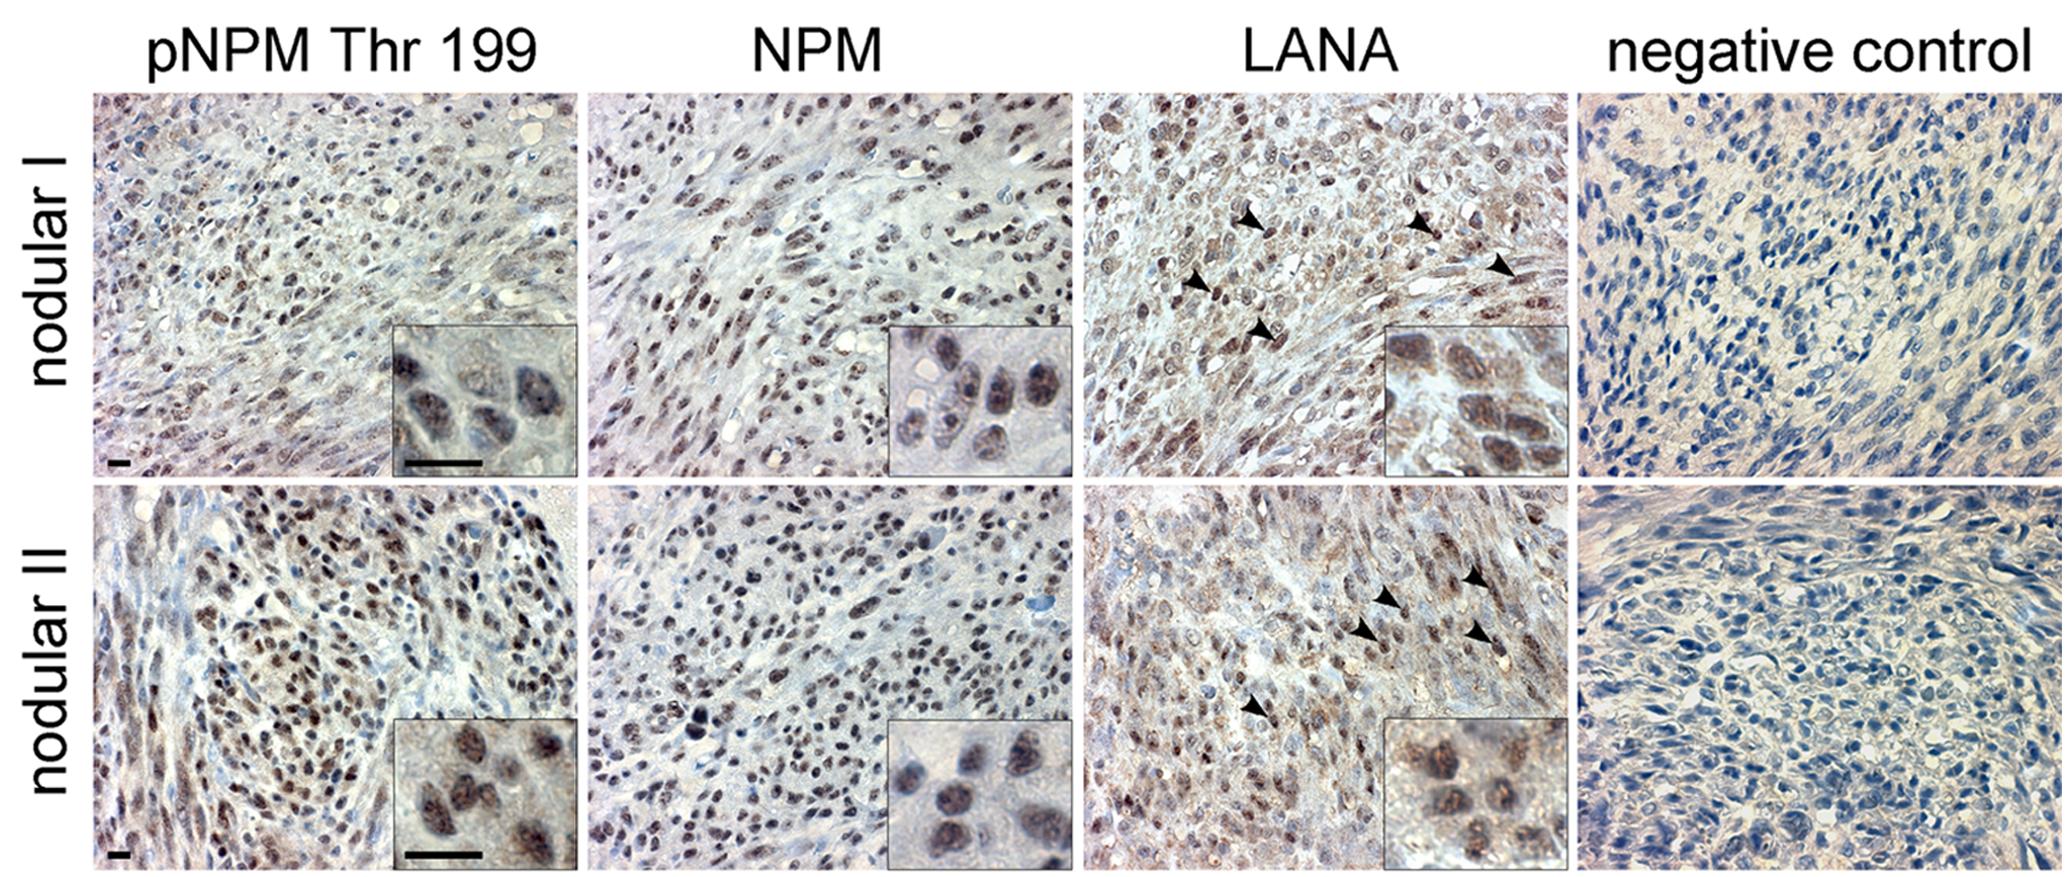 KS tumors express NPM phosphorylated on Thr199.